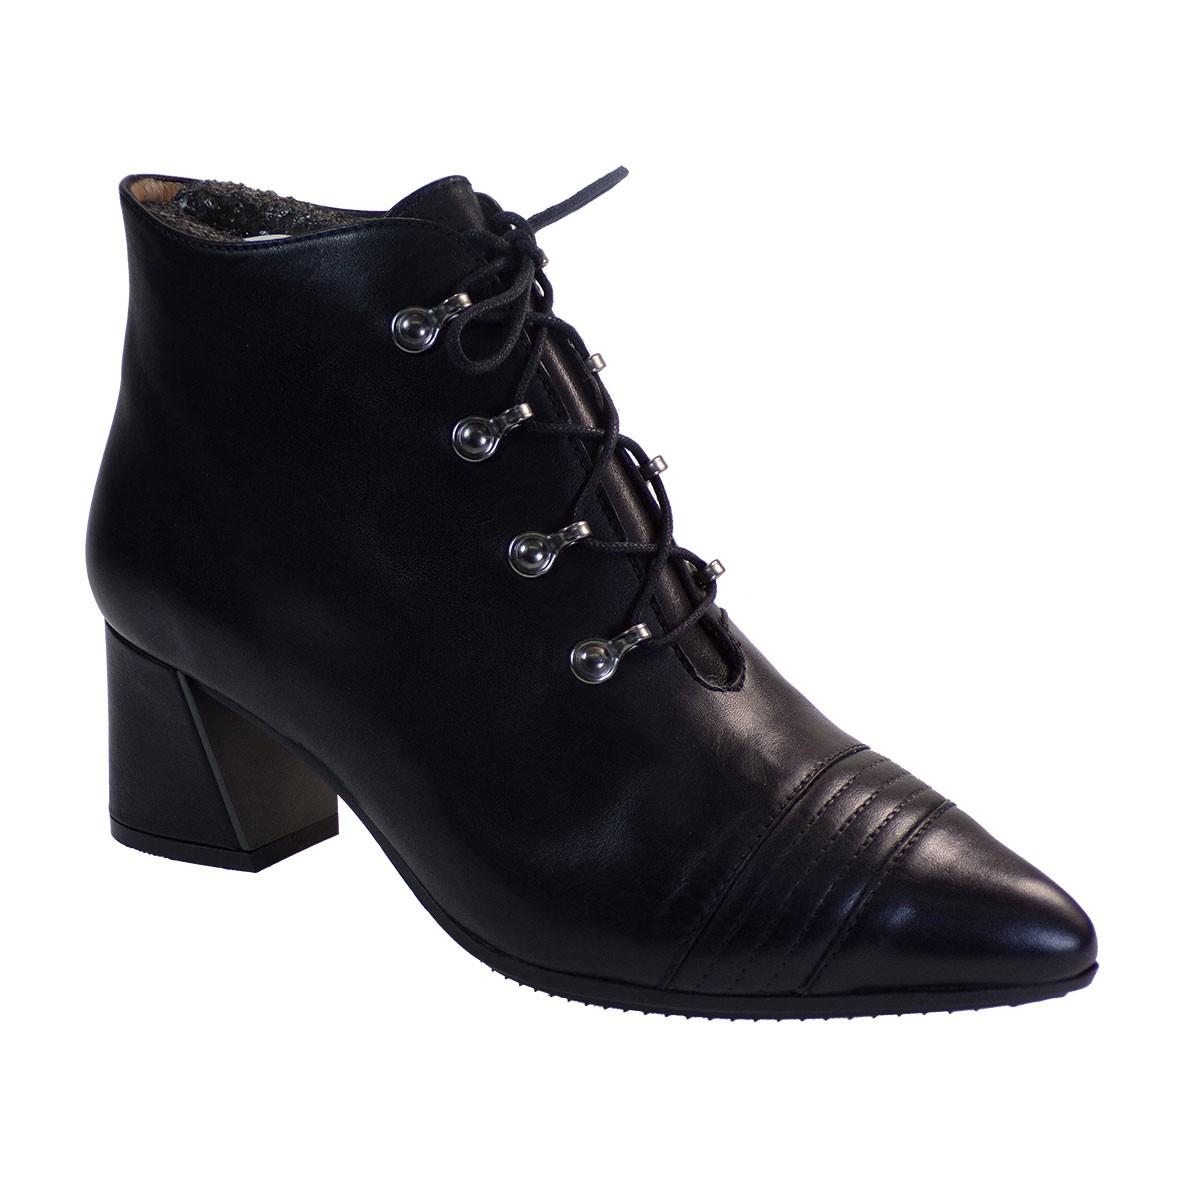 Hispanitas Γυναικεία Παπούτσια Mποτάκια HI00757 Μαύρο Δέρμα